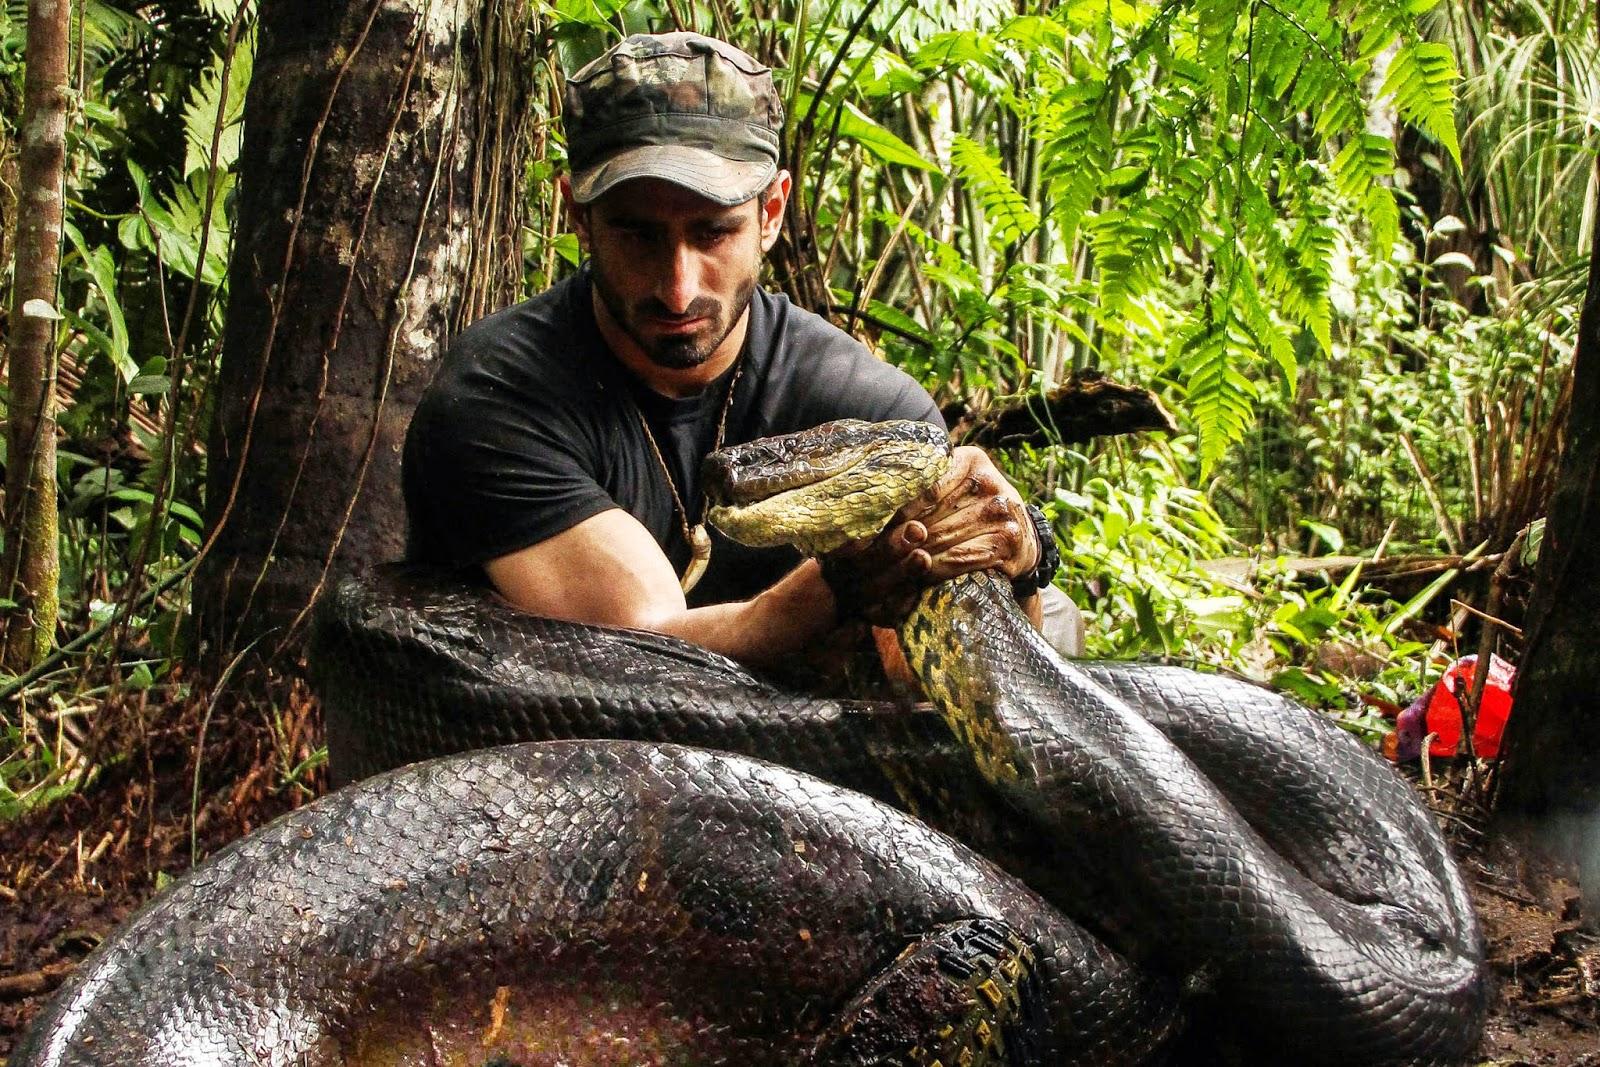 gambar ular - gambar ular anaconda